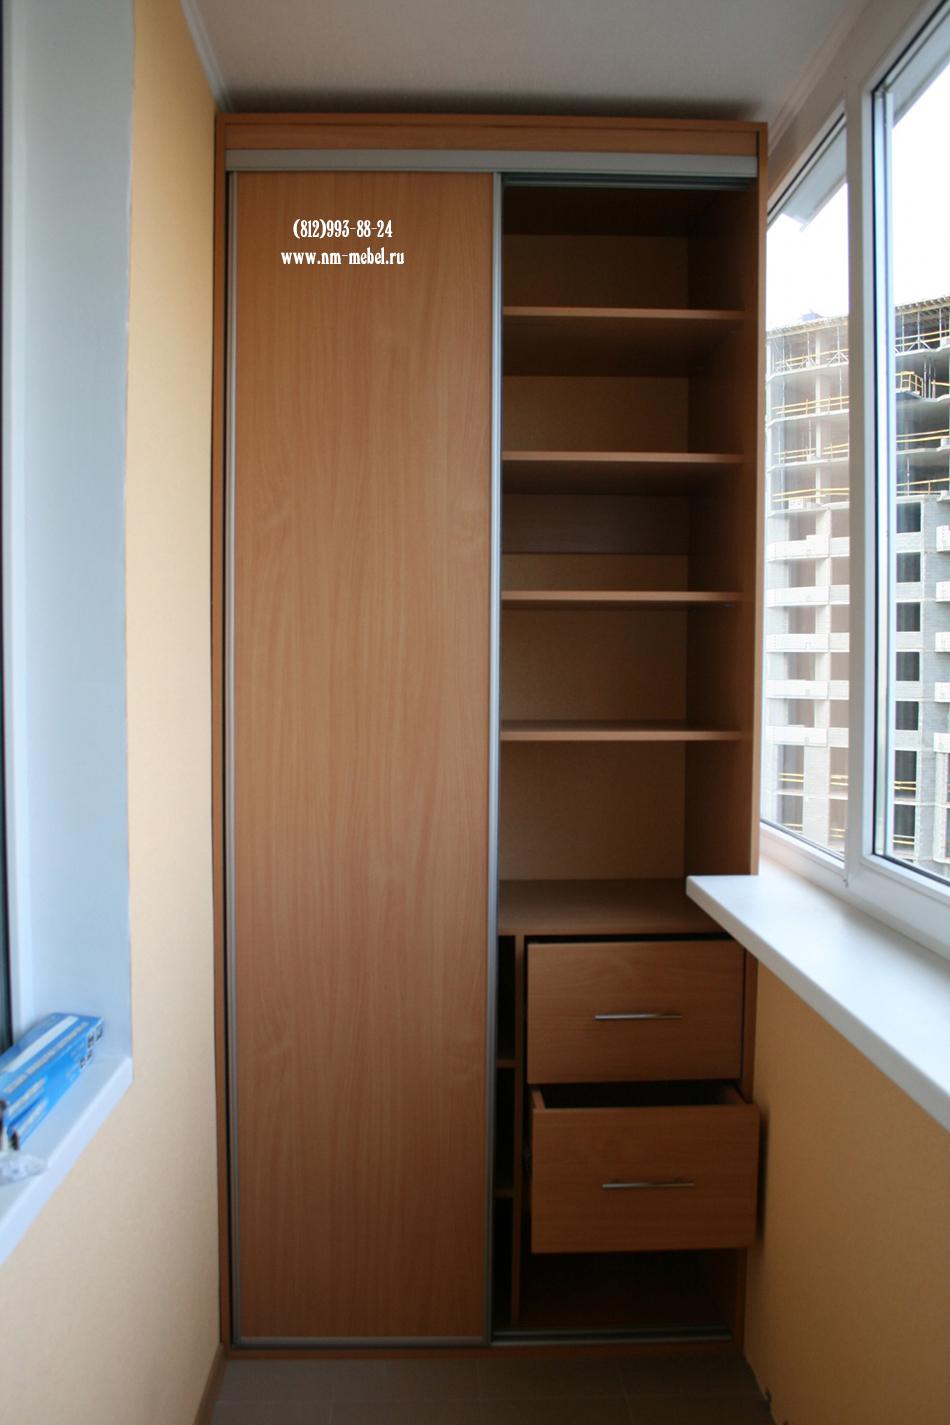 Шкафы для балкона своими руками